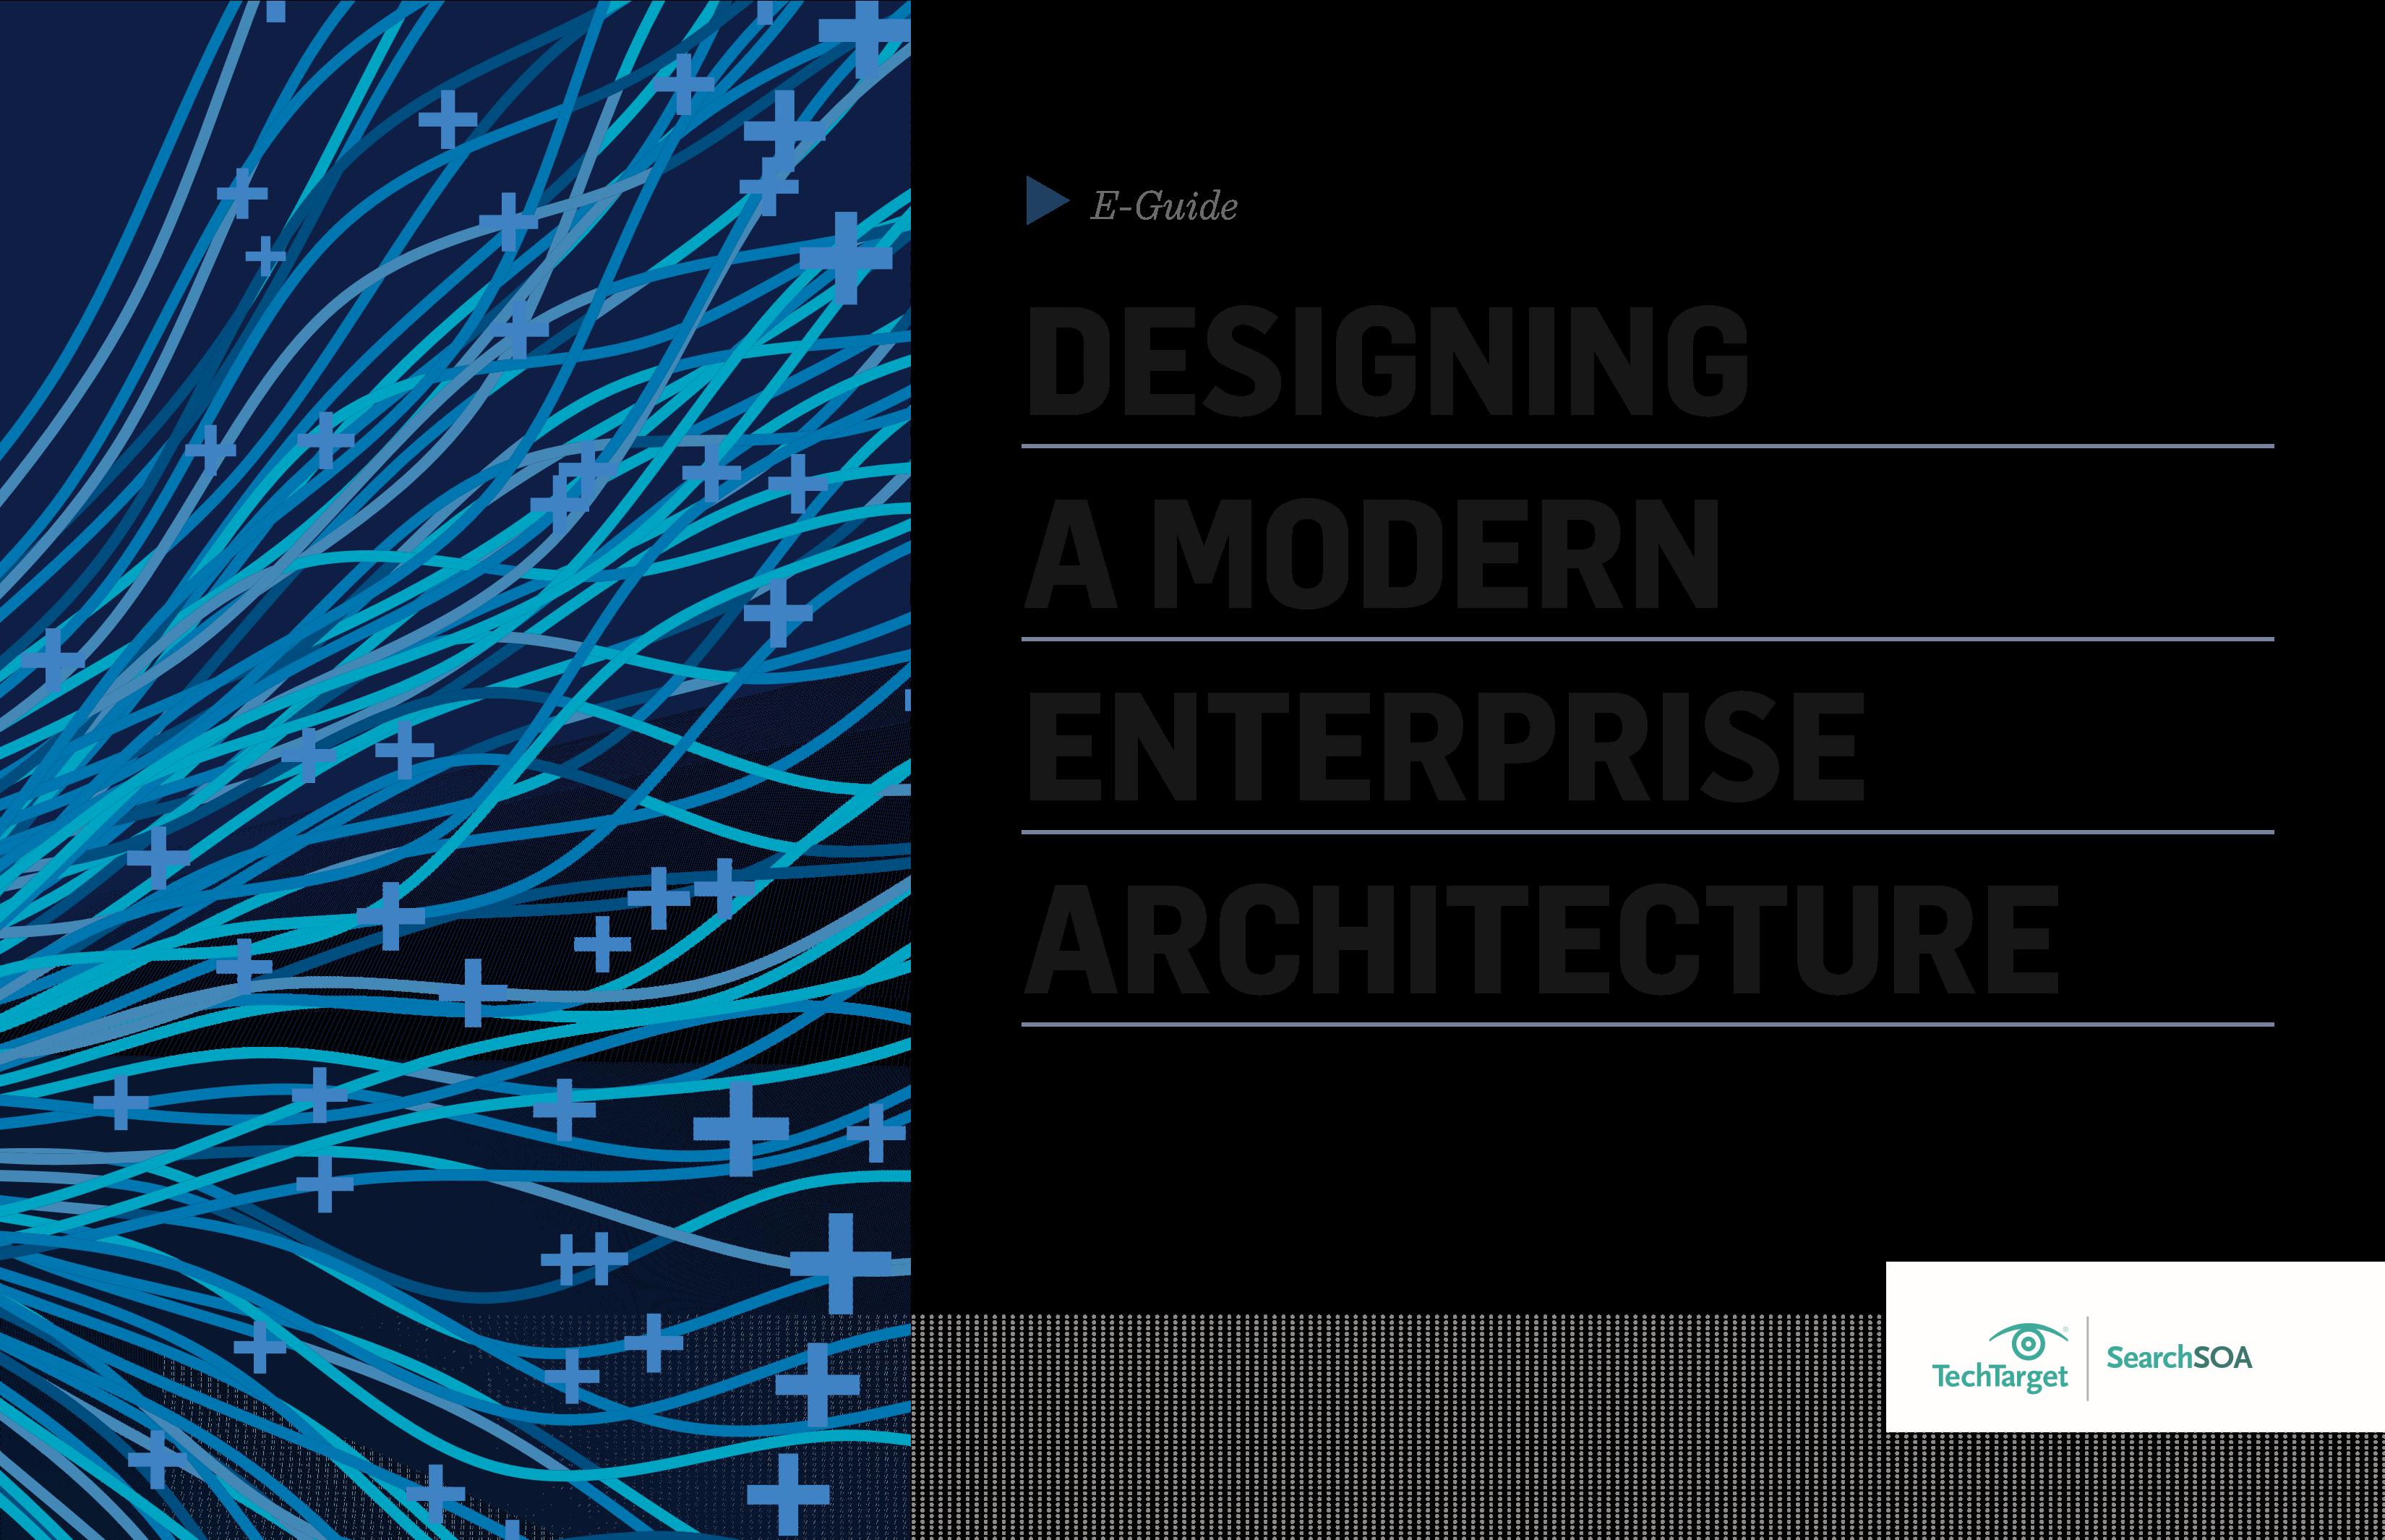 技术白皮书:现代企业架构设计